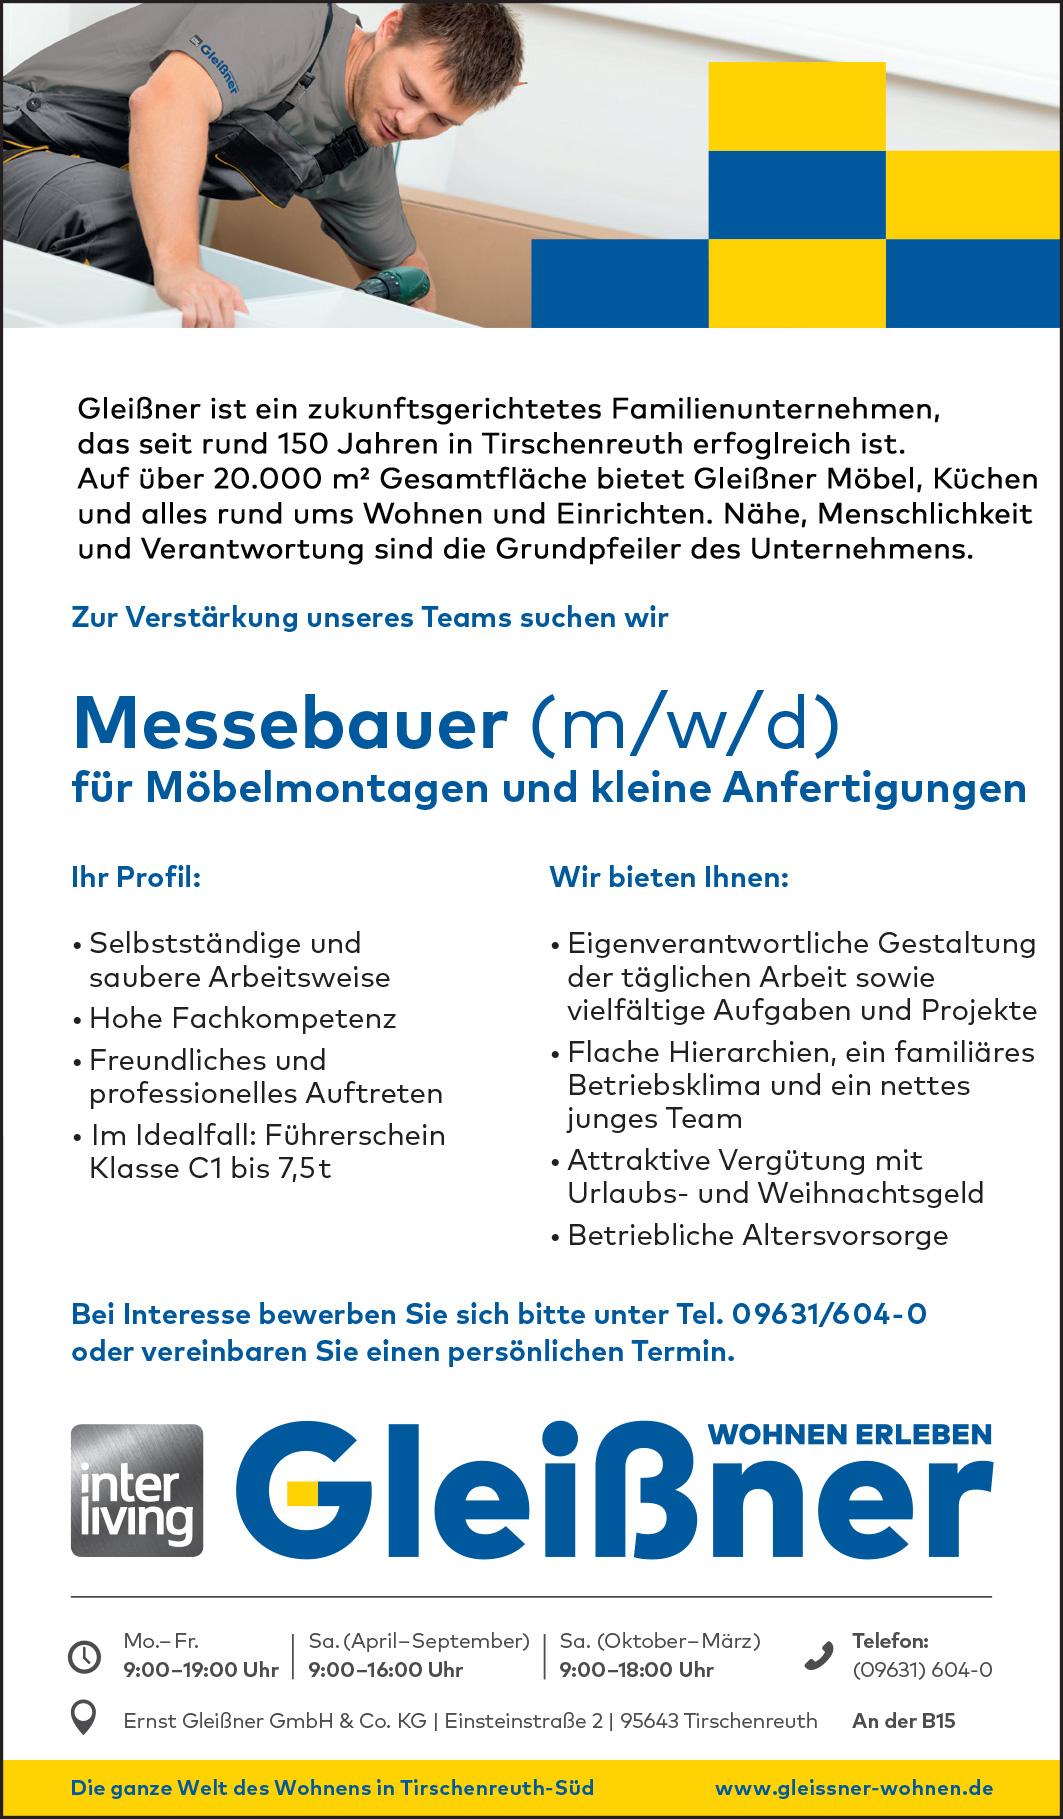 Gl_Stellenanzeige_Messebauer_90x154mm_2021